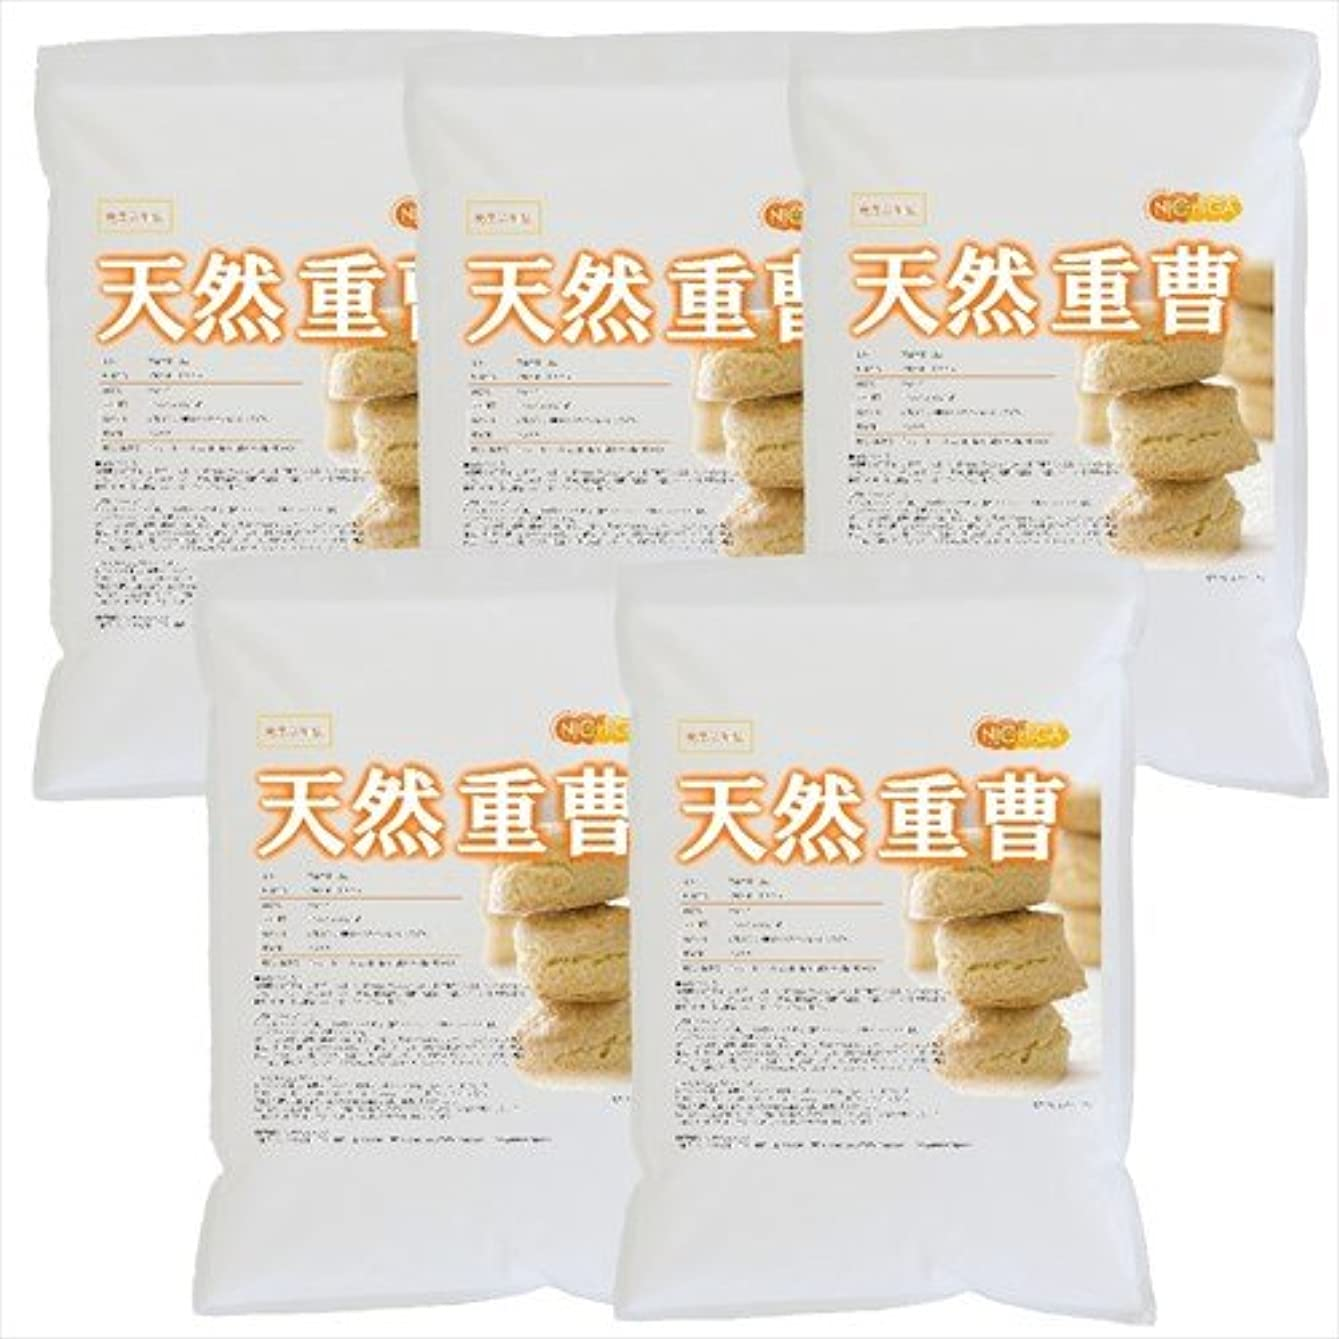 悔い改め櫛栄光の天然 重曹 5kg×5袋 [02] 【同梱不可】炭酸水素ナトリウム 食品添加物(食品用)NICHIGA(ニチガ)